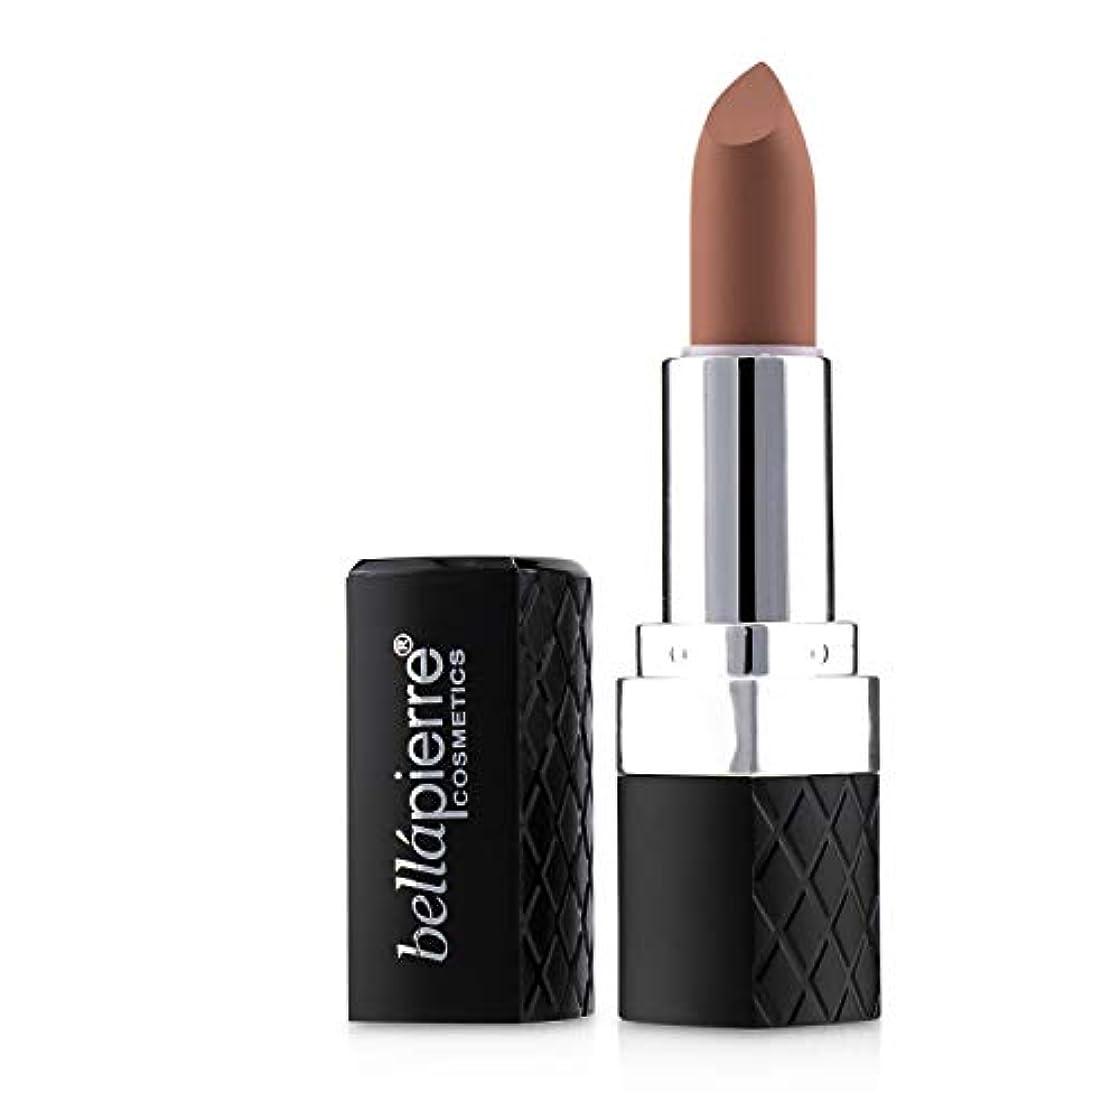 分類軽ポジティブBellapierre Cosmetics Matte Lipstick - # Incognito (Caramel Nude) 3.5g/0.123oz並行輸入品